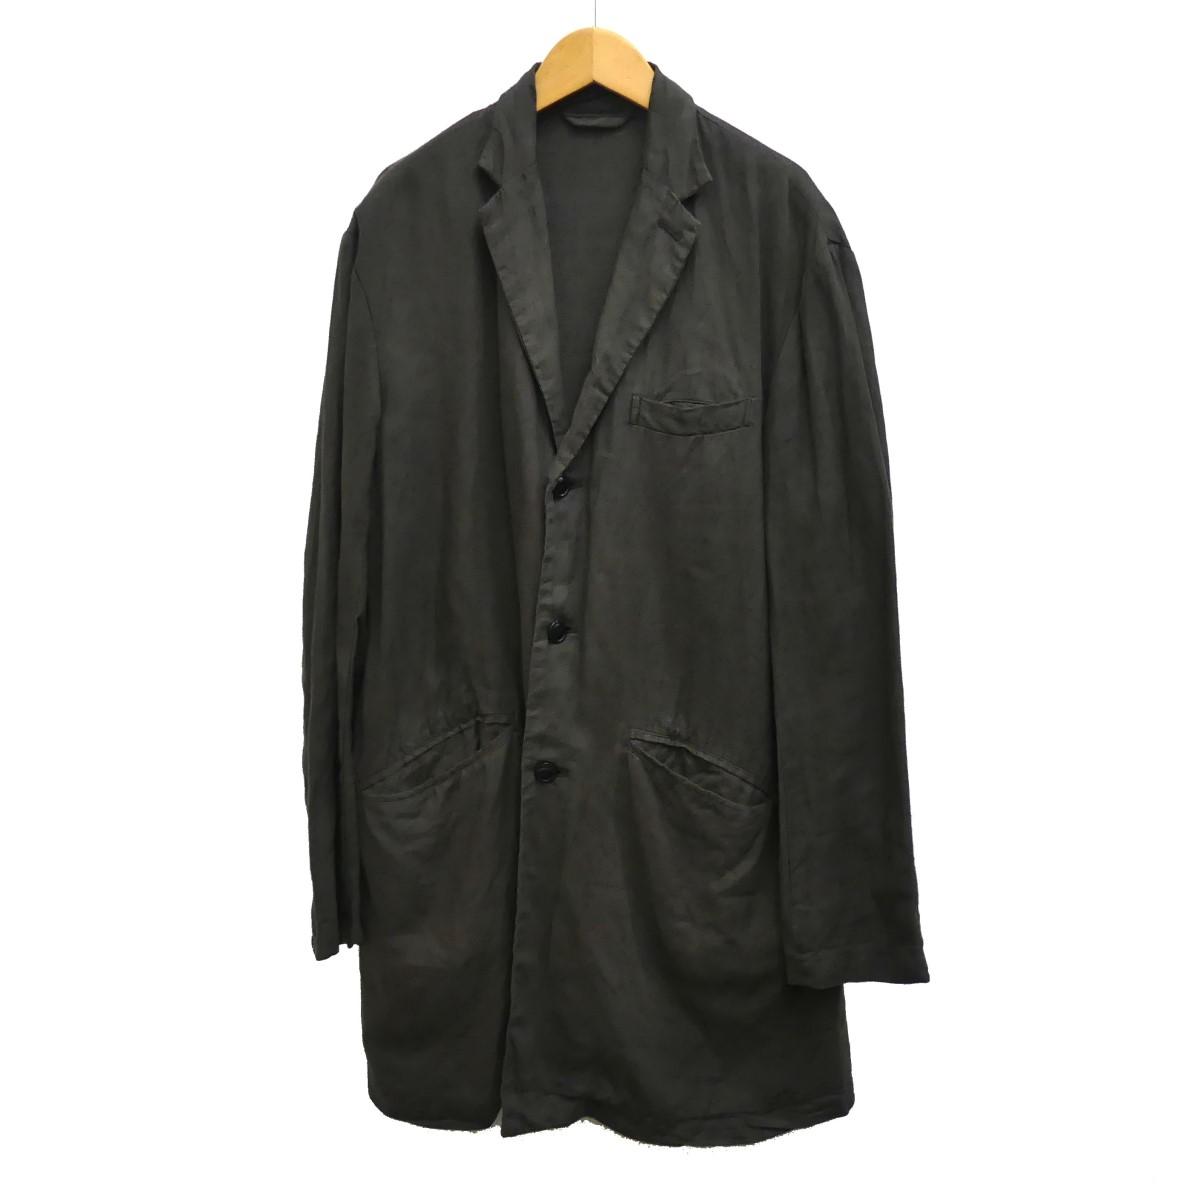 【中古】nest Robe confect19AW オーバーダイリネンチェスターコート ブラウン サイズ:4 【5月14日見直し】